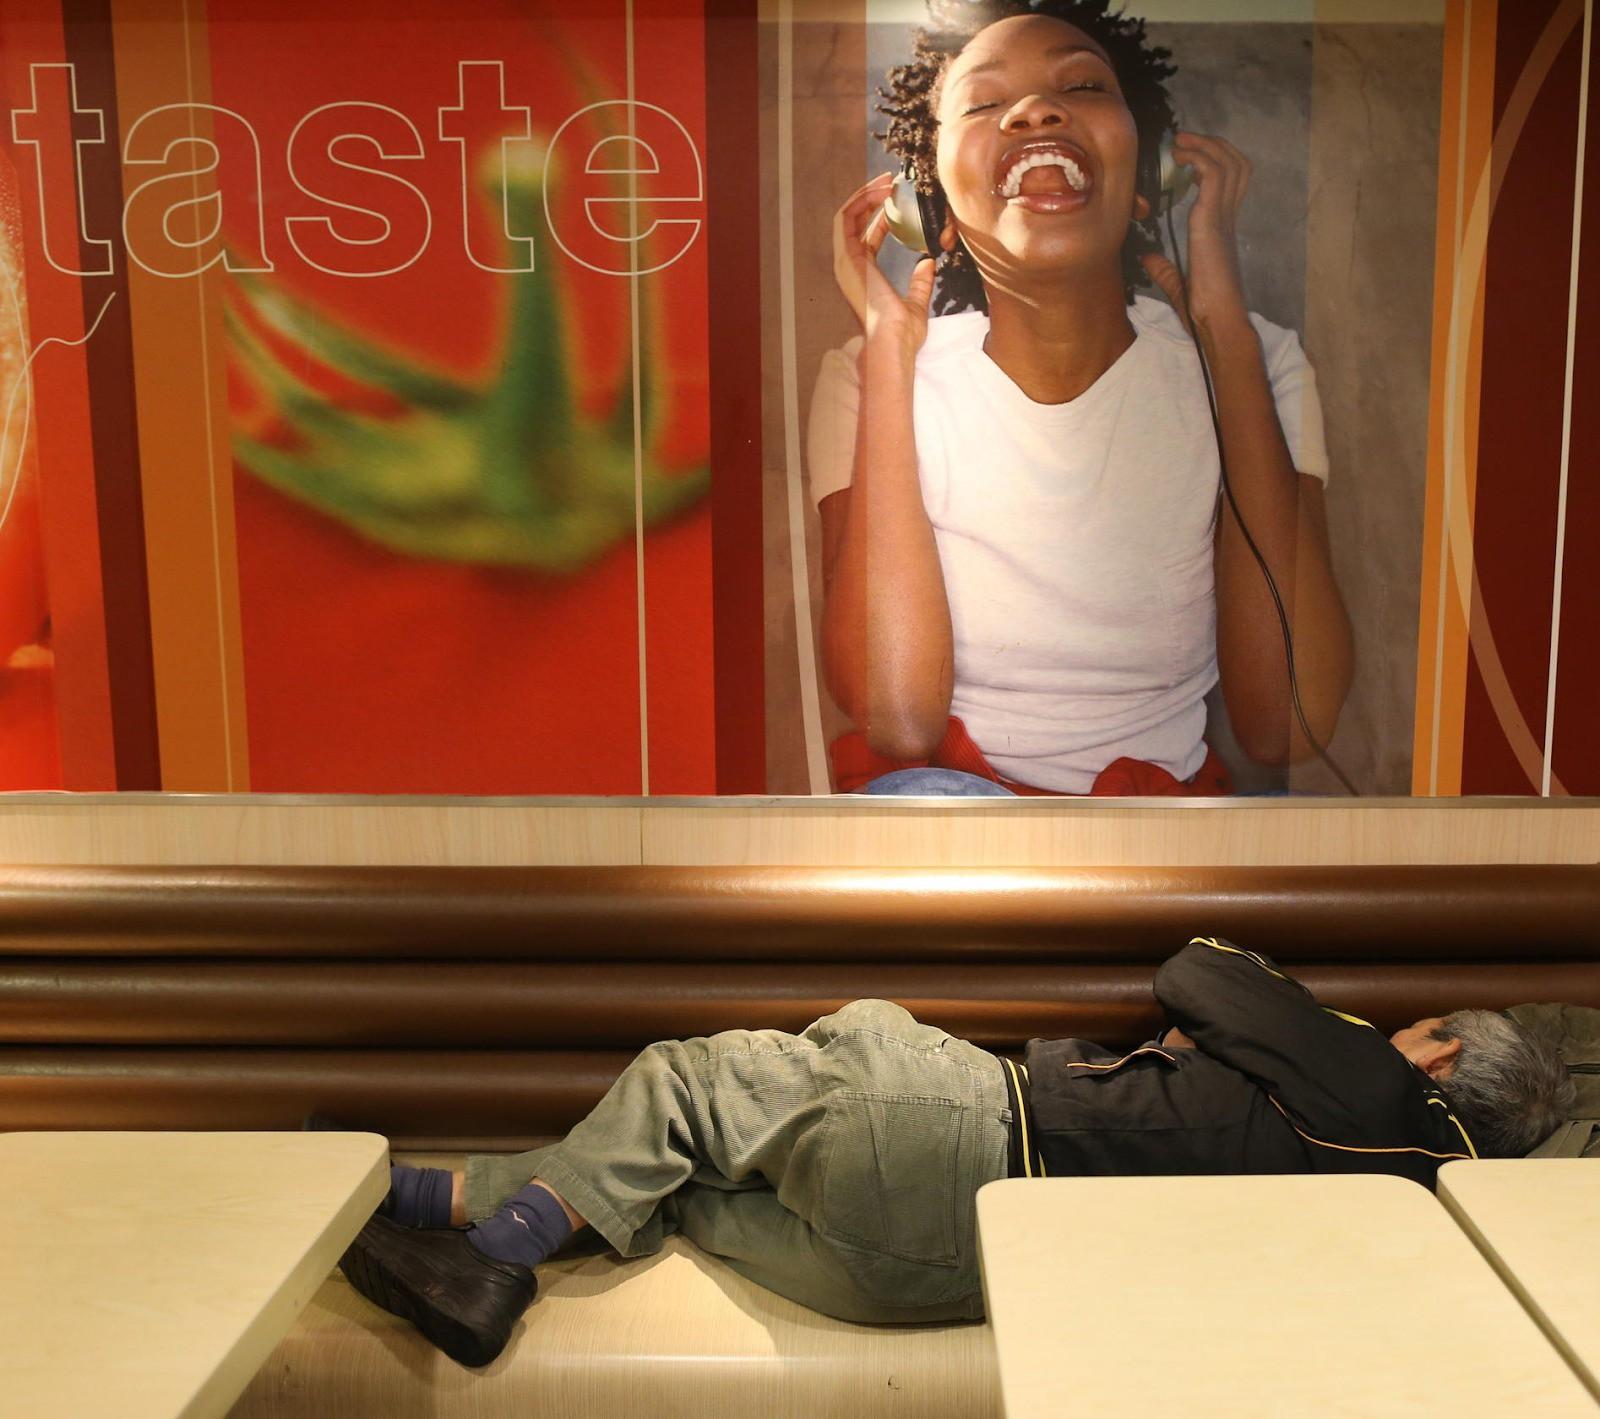 Câu chuyện về những người qua đêm tại McDonald Hồng Kông: Khi chốn công cộng trở thành nhà - Ảnh 1.